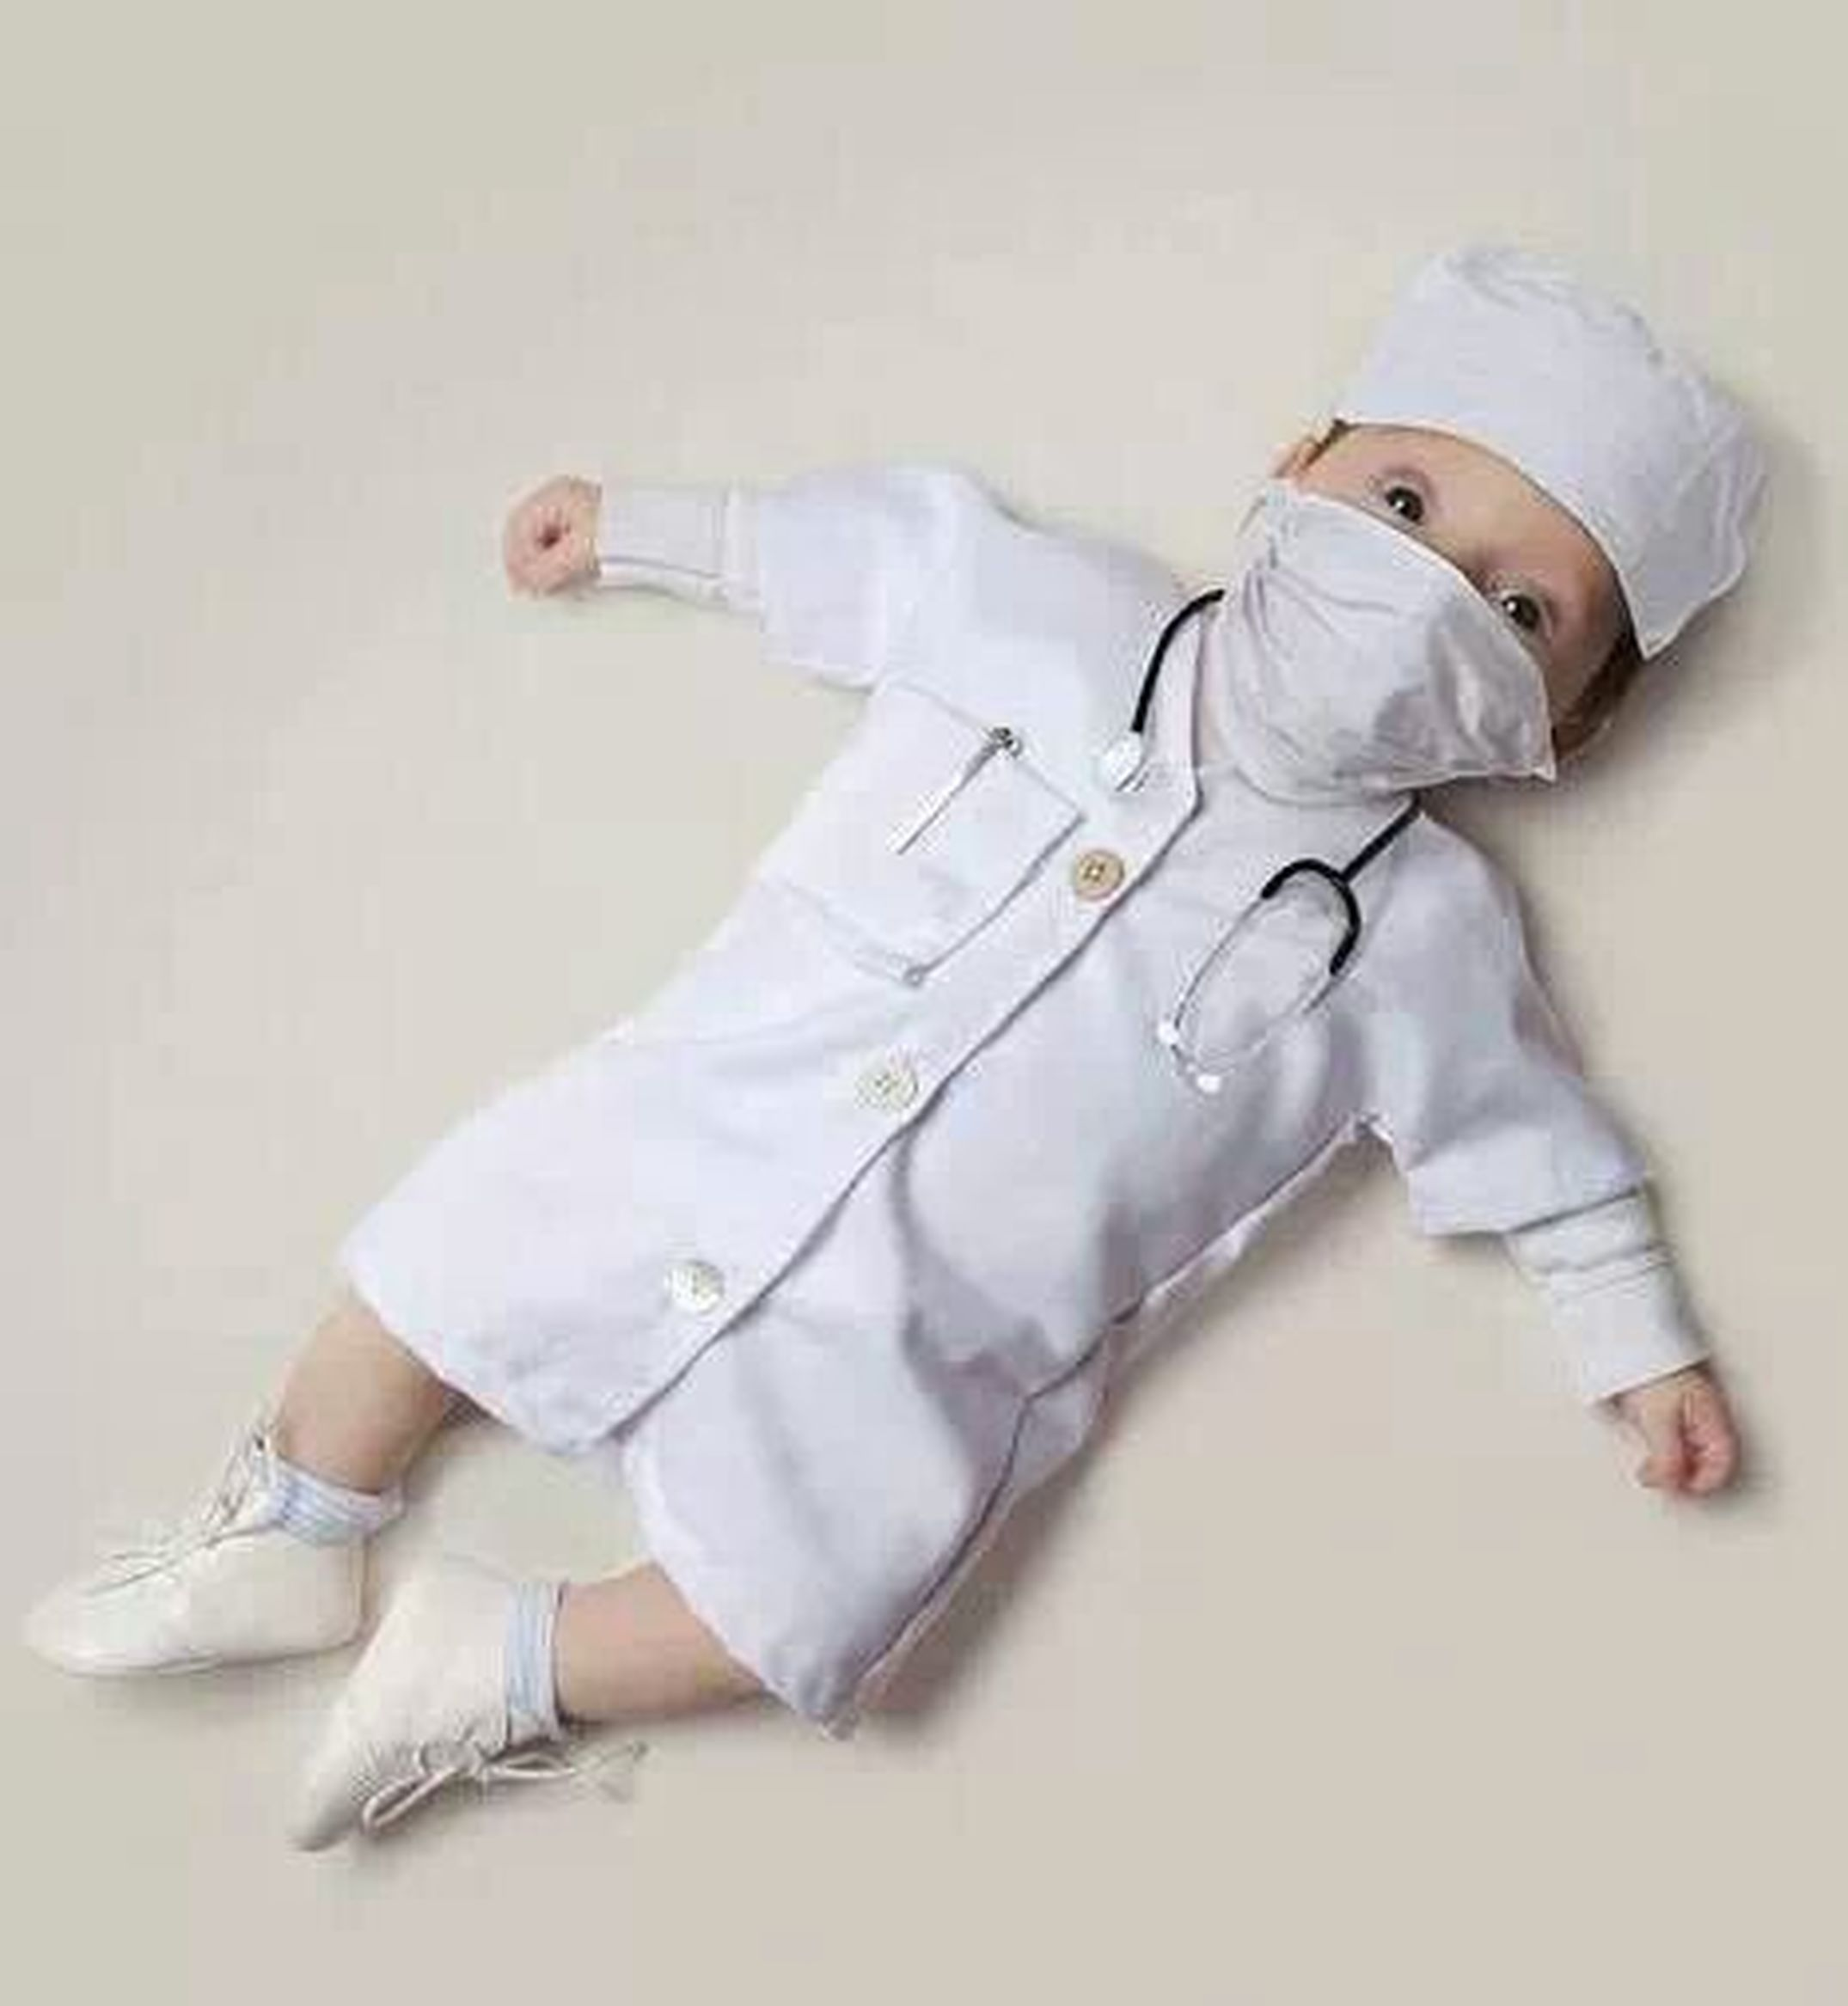 waaau sooo swt baby♥♥♥ Doctor